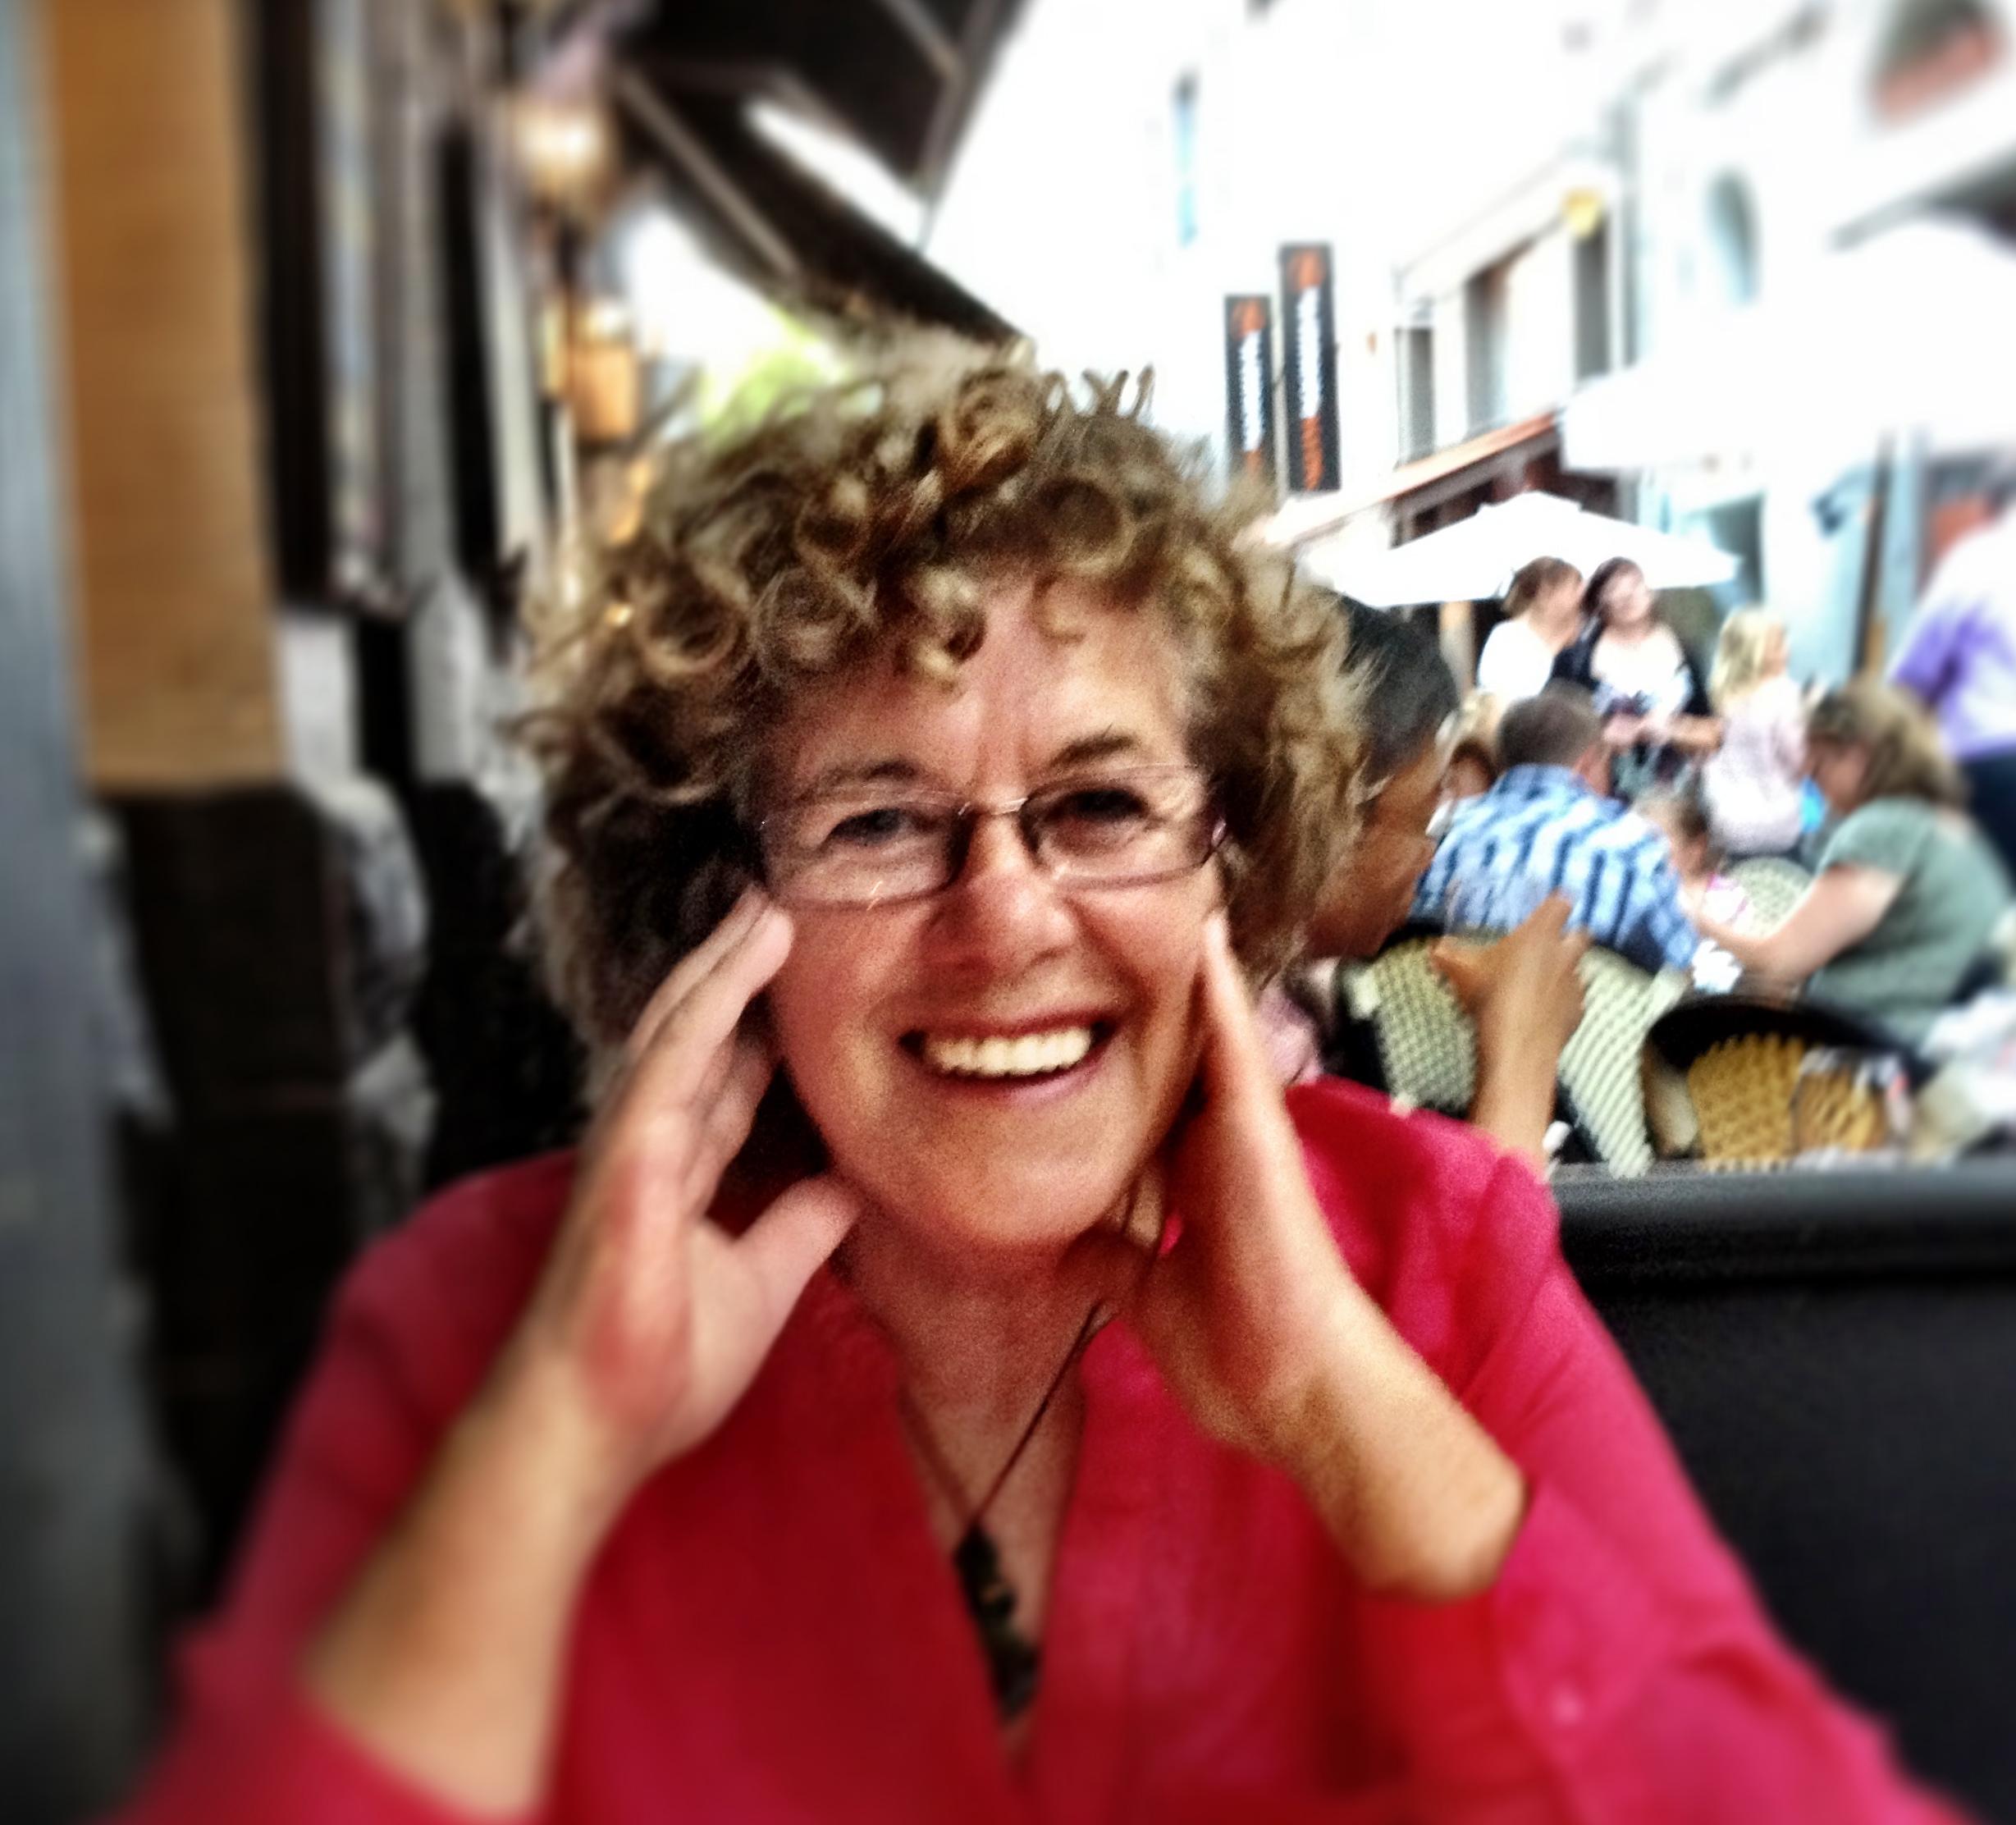 Lynette colour photo